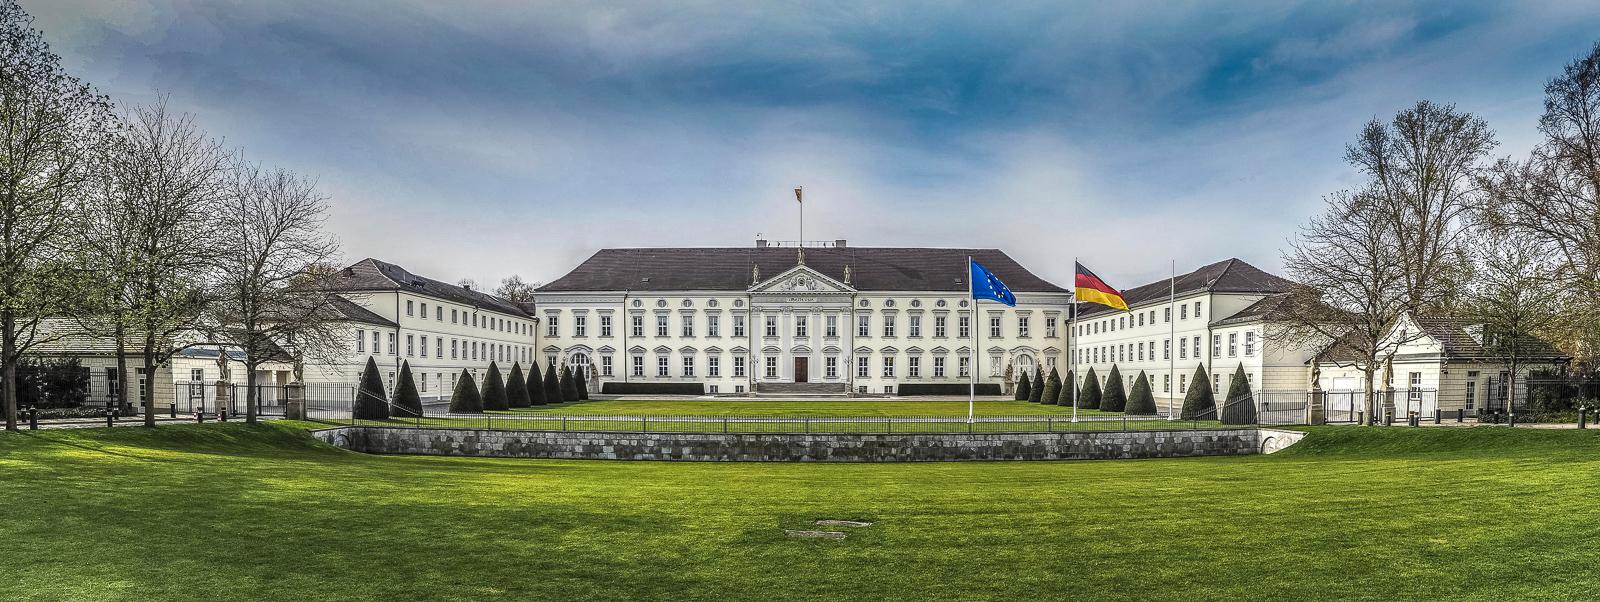 Wer kommt nach Gauck? 11 Kandidat:innen, die ihr kennen müsst!